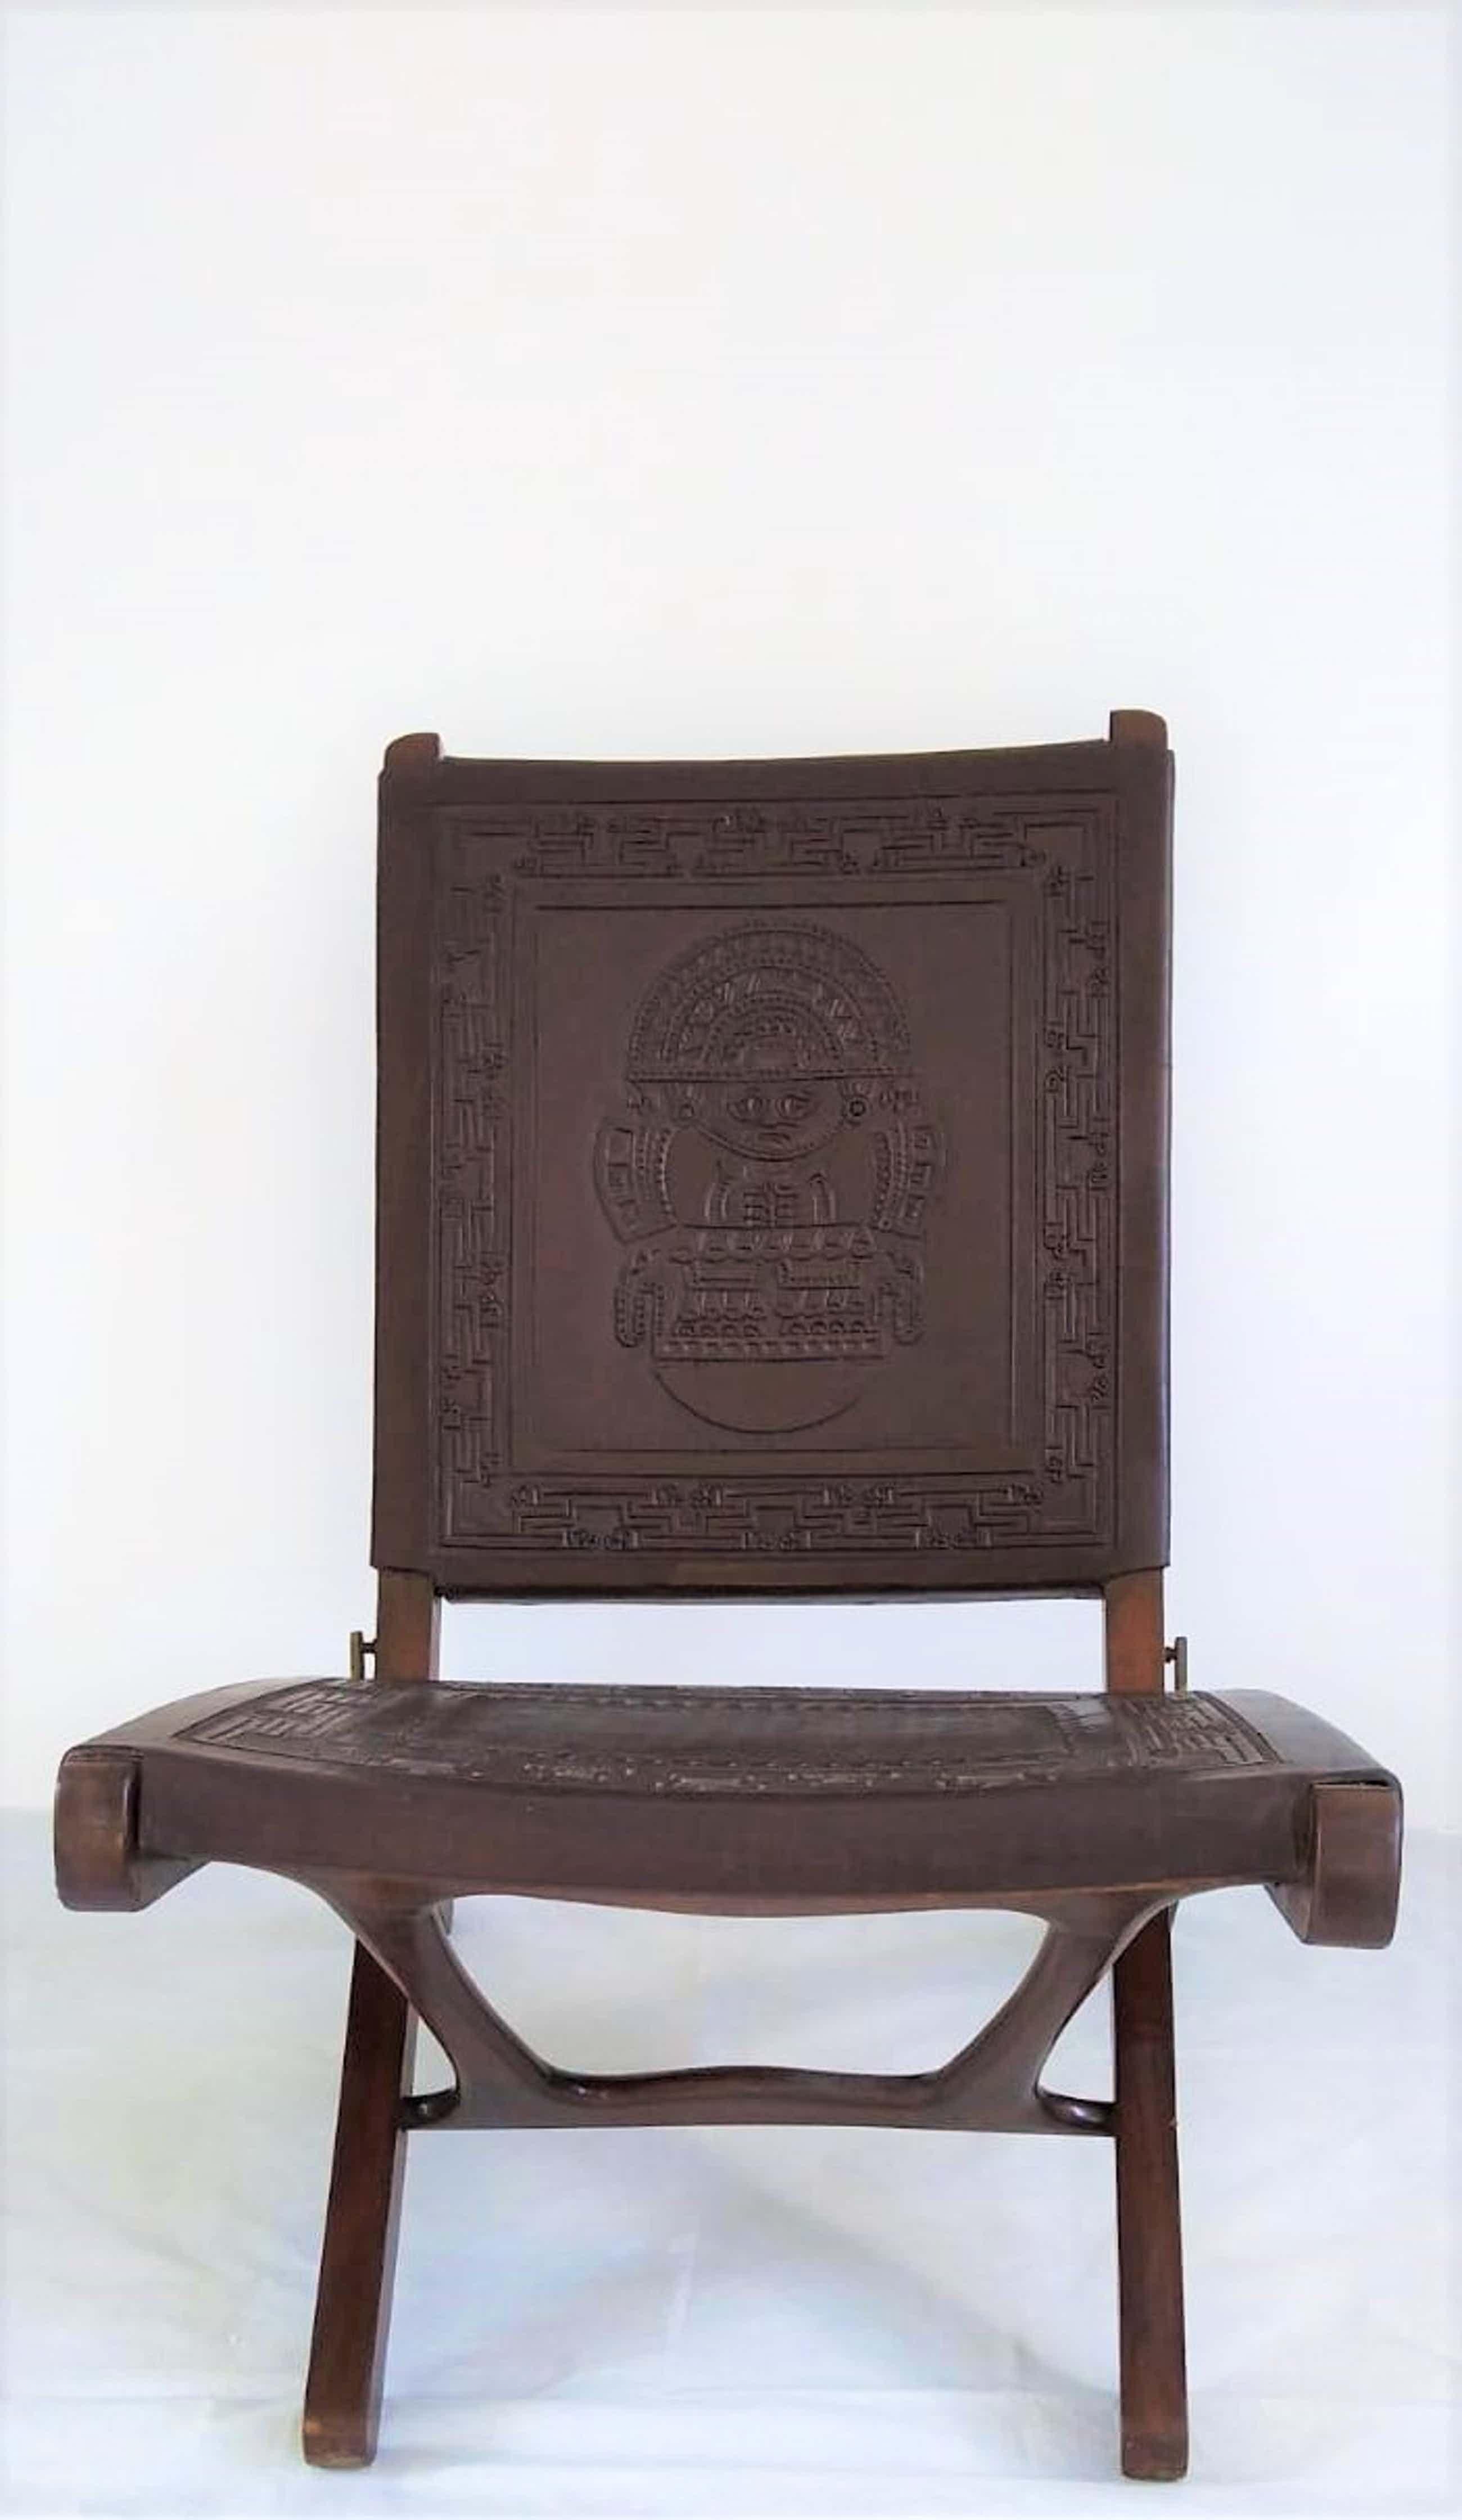 Angel Pazmino, Muebles De Estilo - Prachtige leren fauteuil ontworpen door Angel I. Pazmino, voor Muebles De Estilo kopen? Bied vanaf 250!